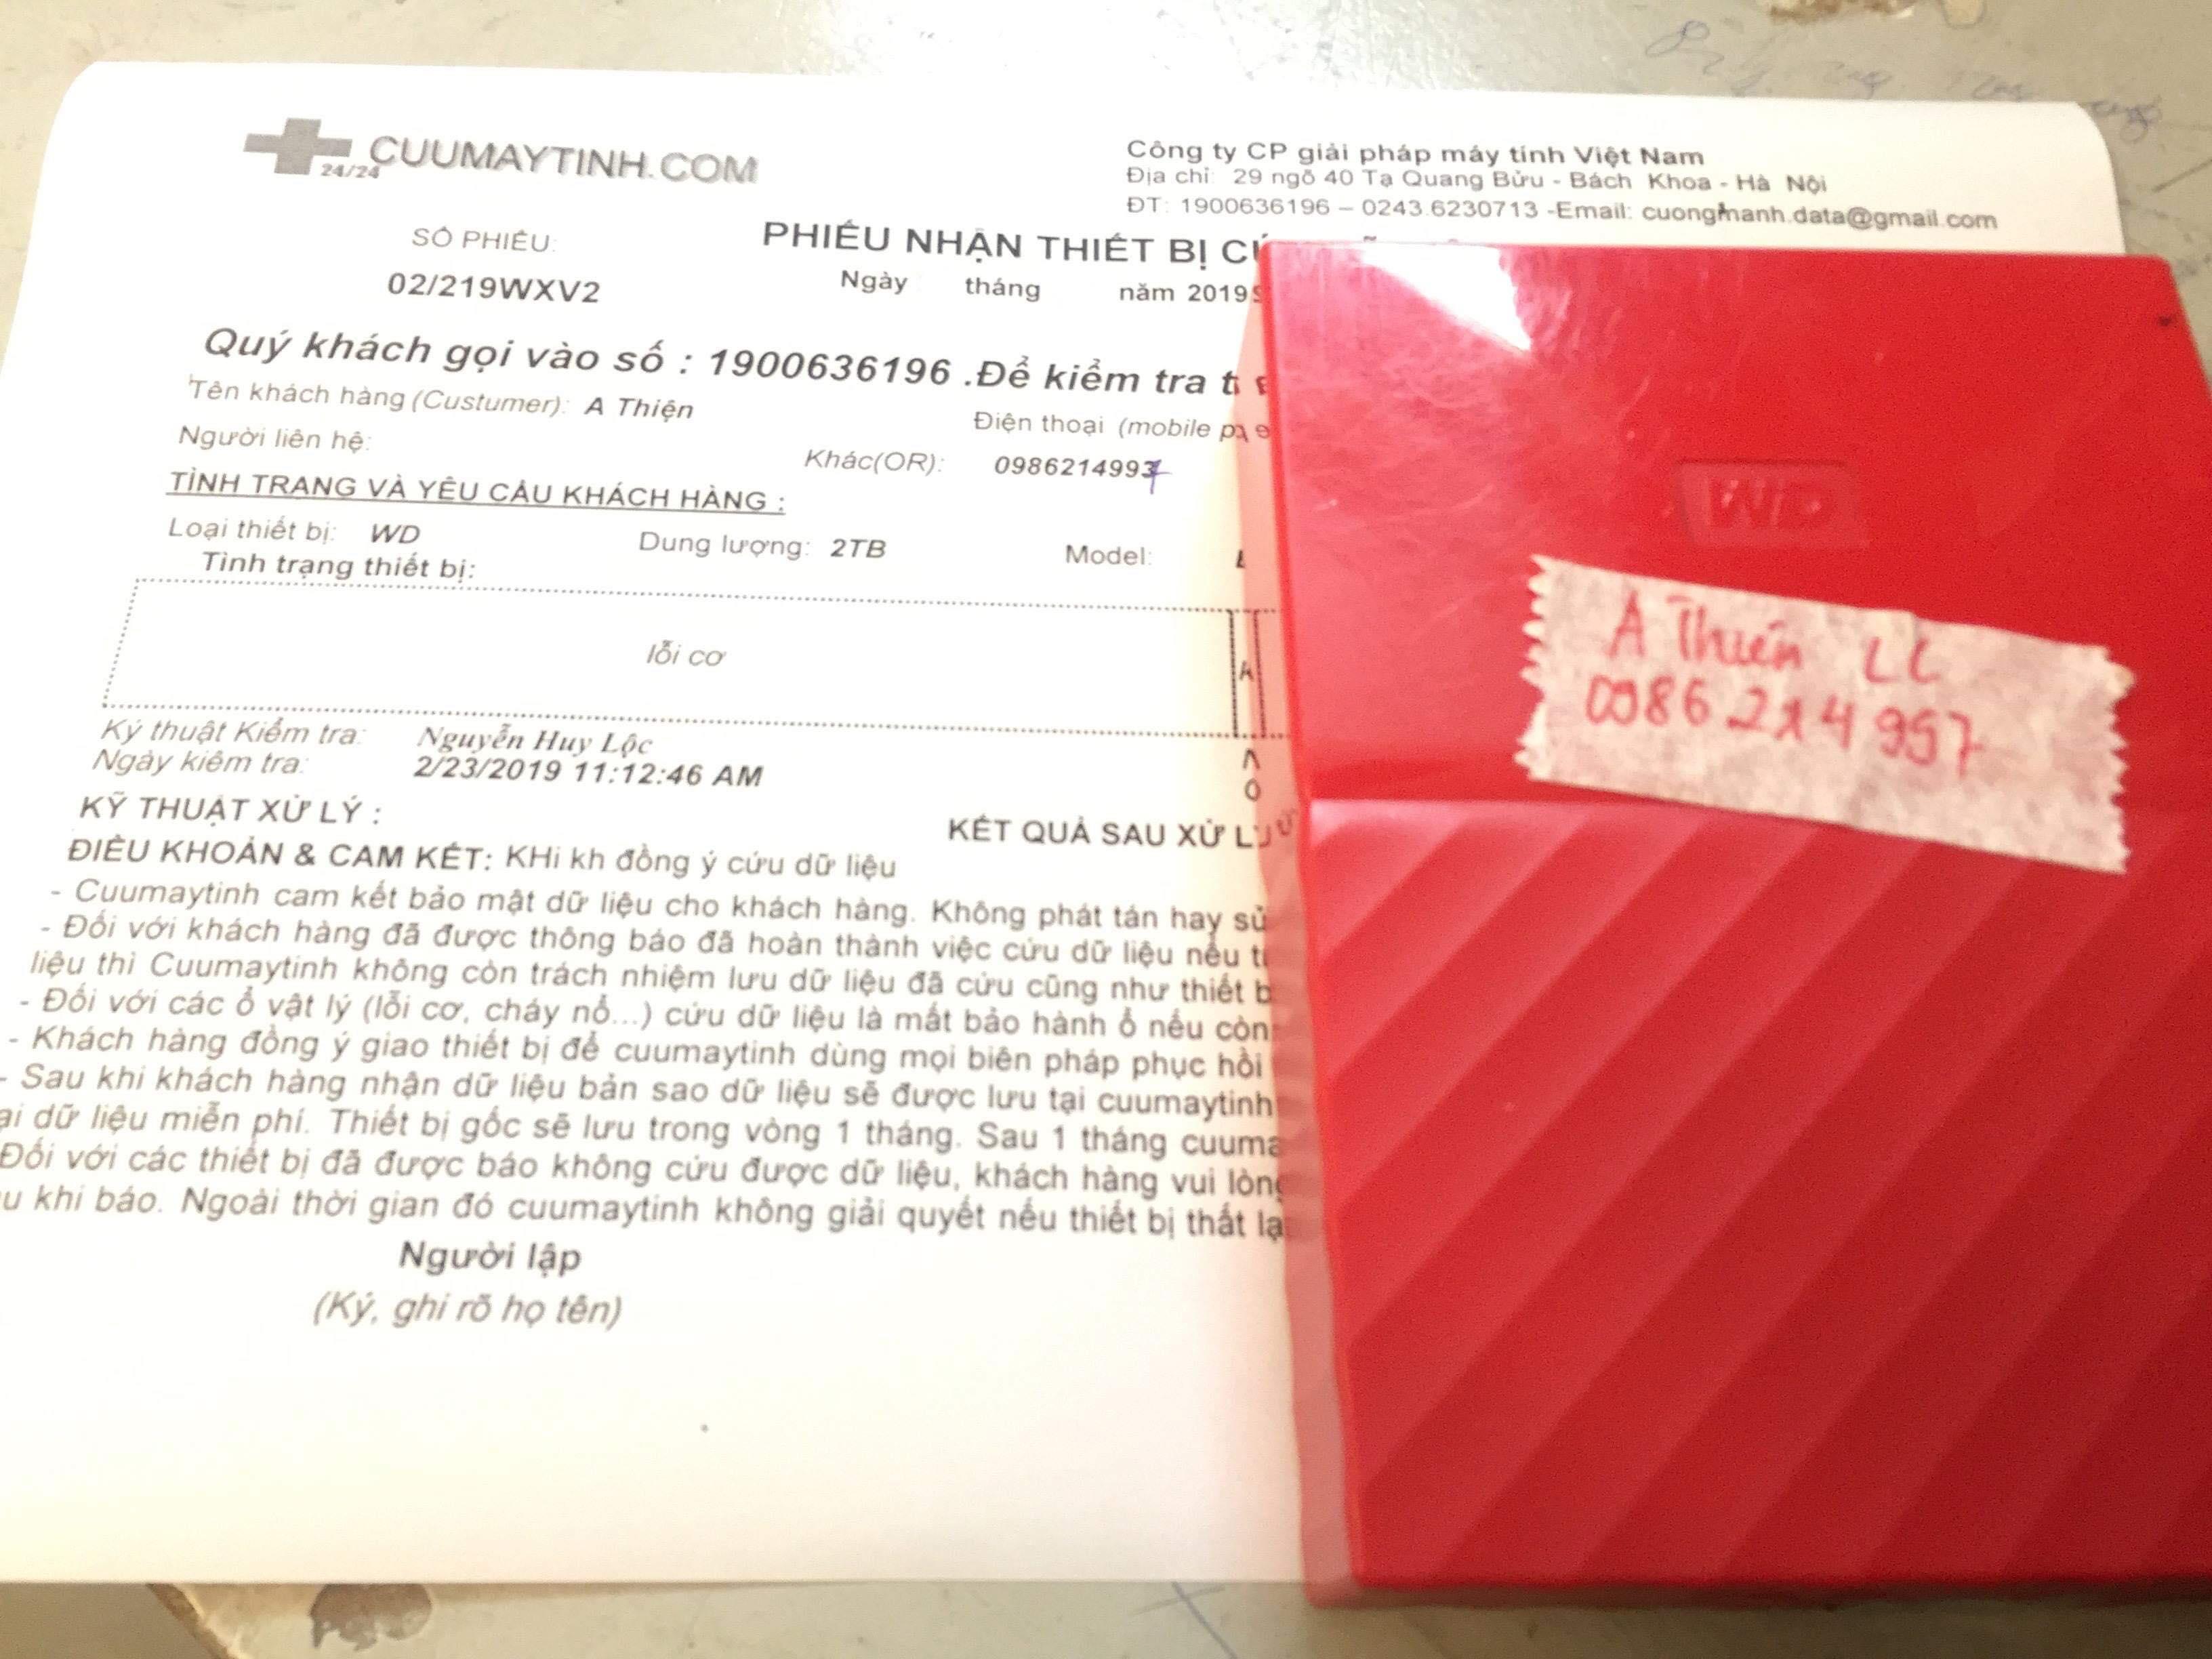 Khôi phục dữ liệu ổ cứng Western 2TB lỗi cơ 02/03/2019 - cuumaytinh